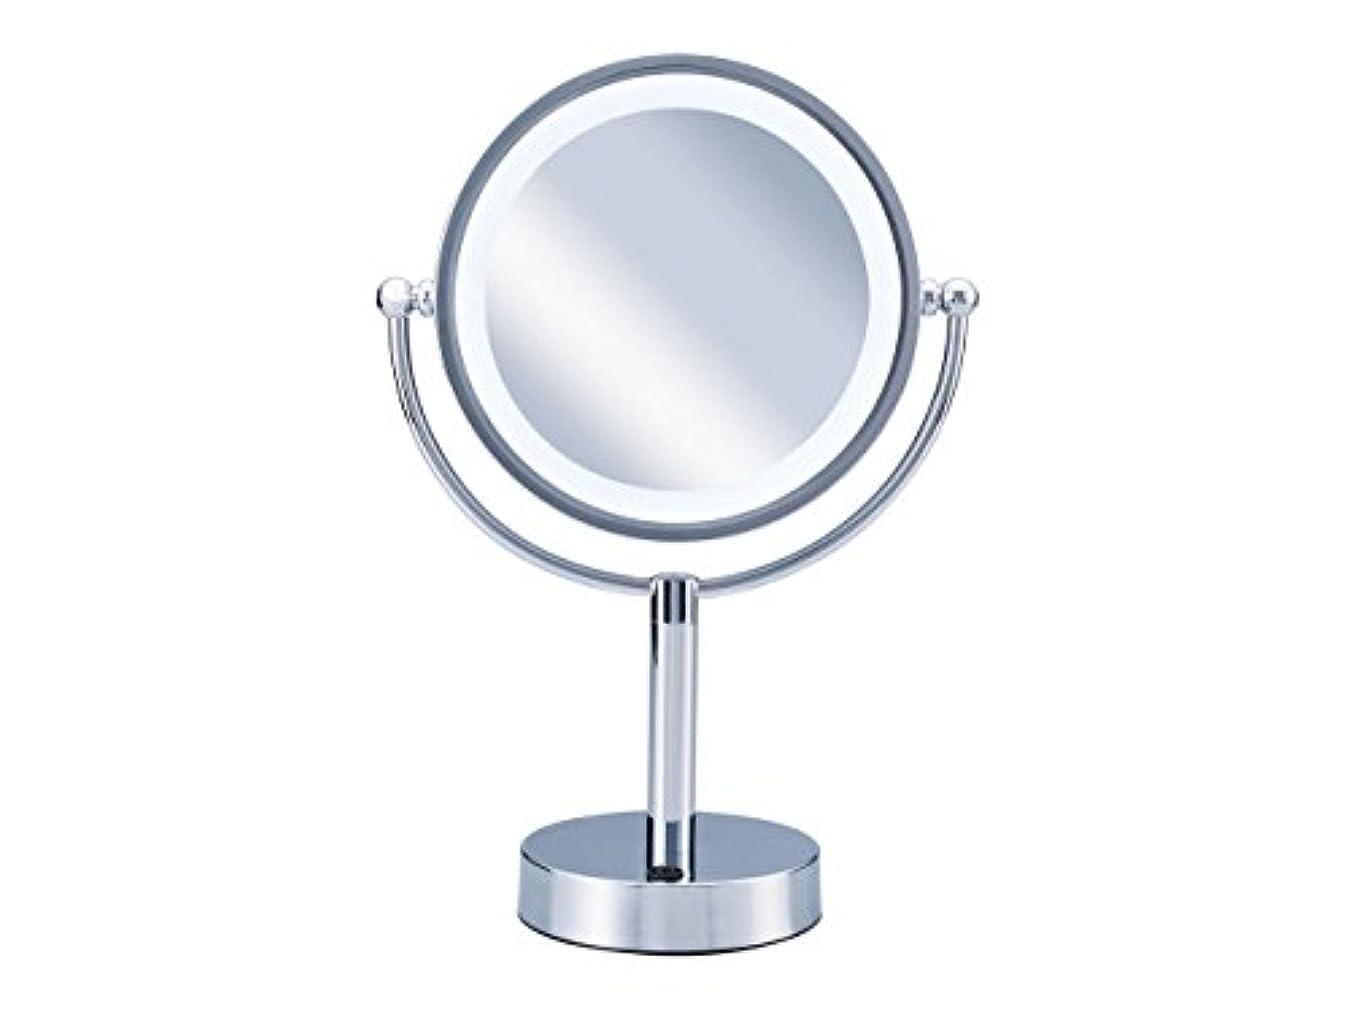 コイズミ 拡大鏡 LEDライト付き 中型φ145mm KBE-3010/S